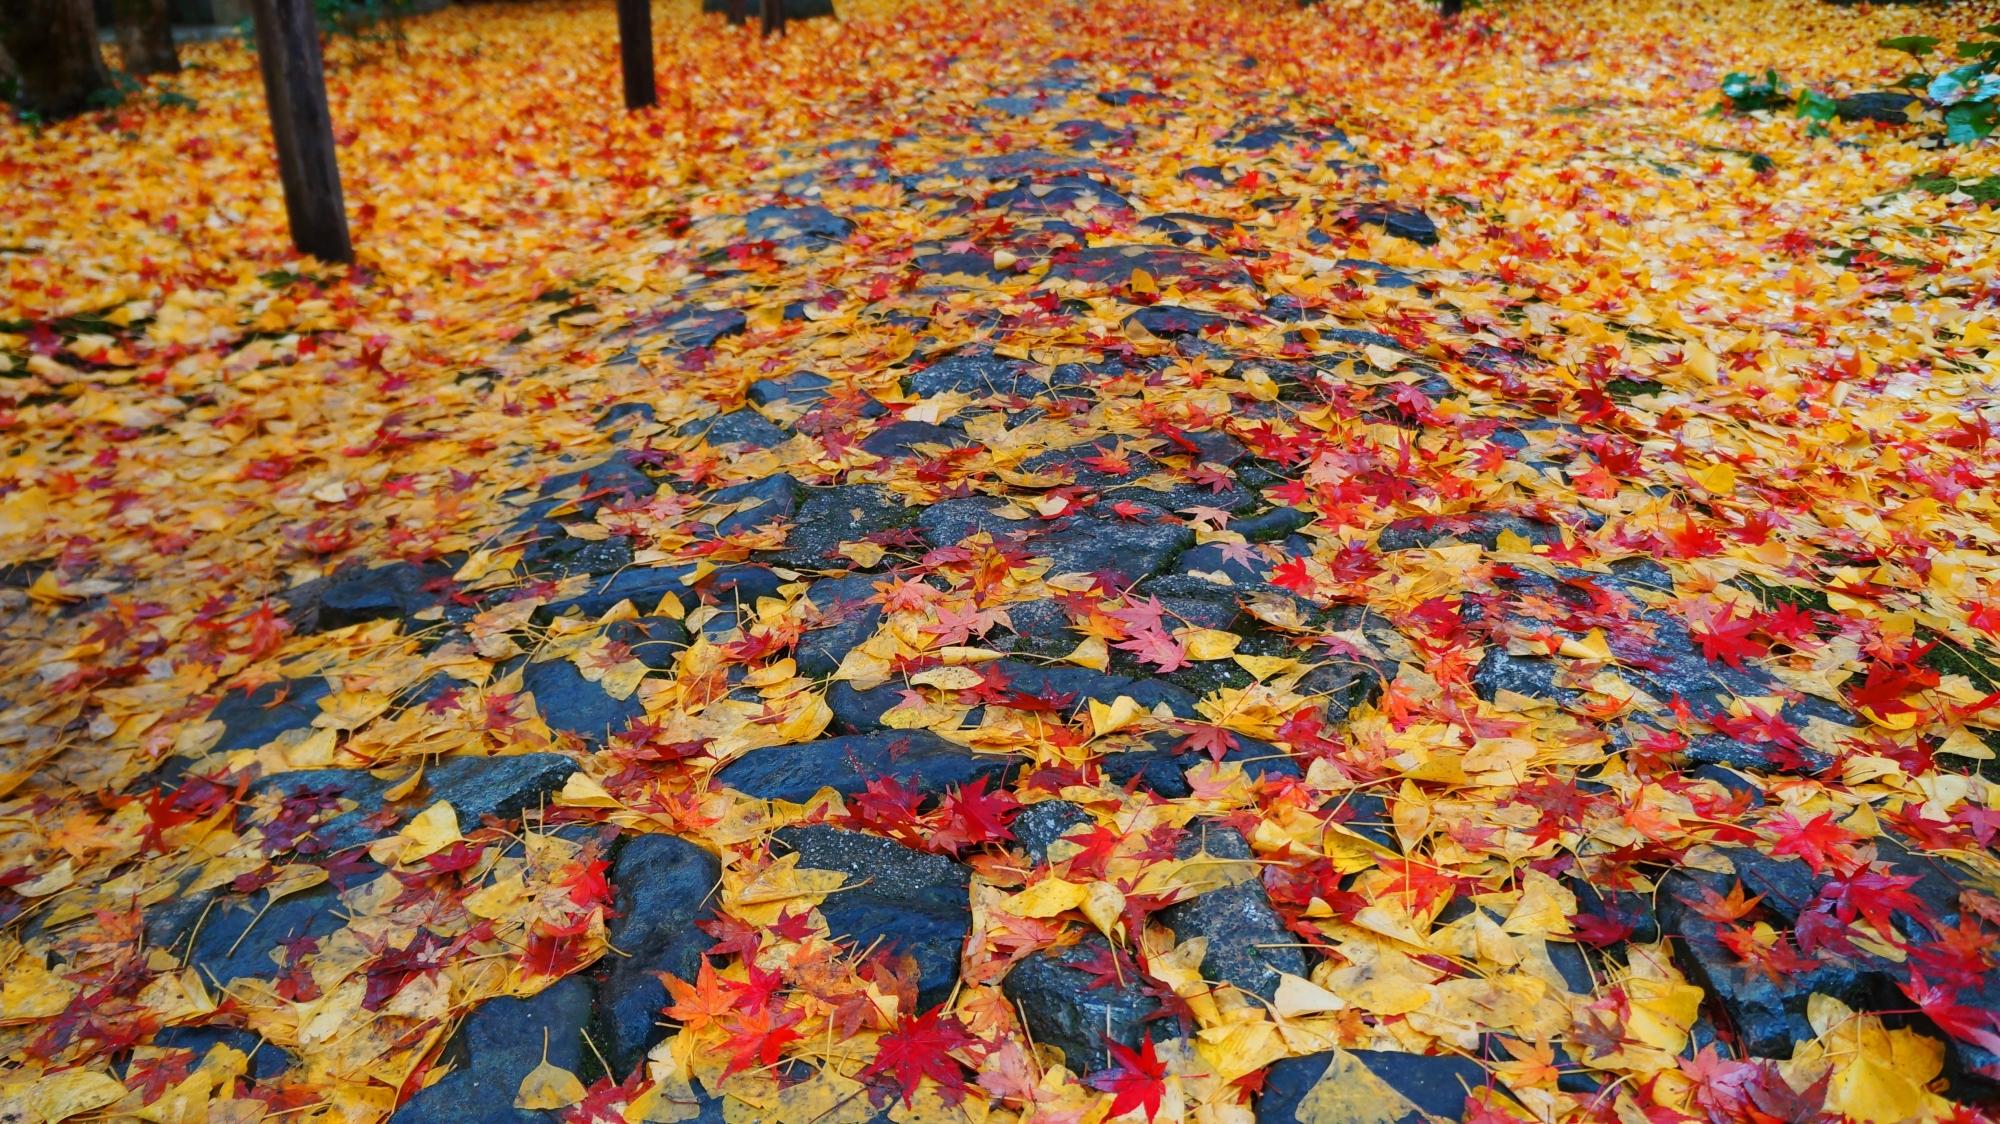 蓮華寺の雨に濡れた黄色い散り銀杏と赤い散り紅葉